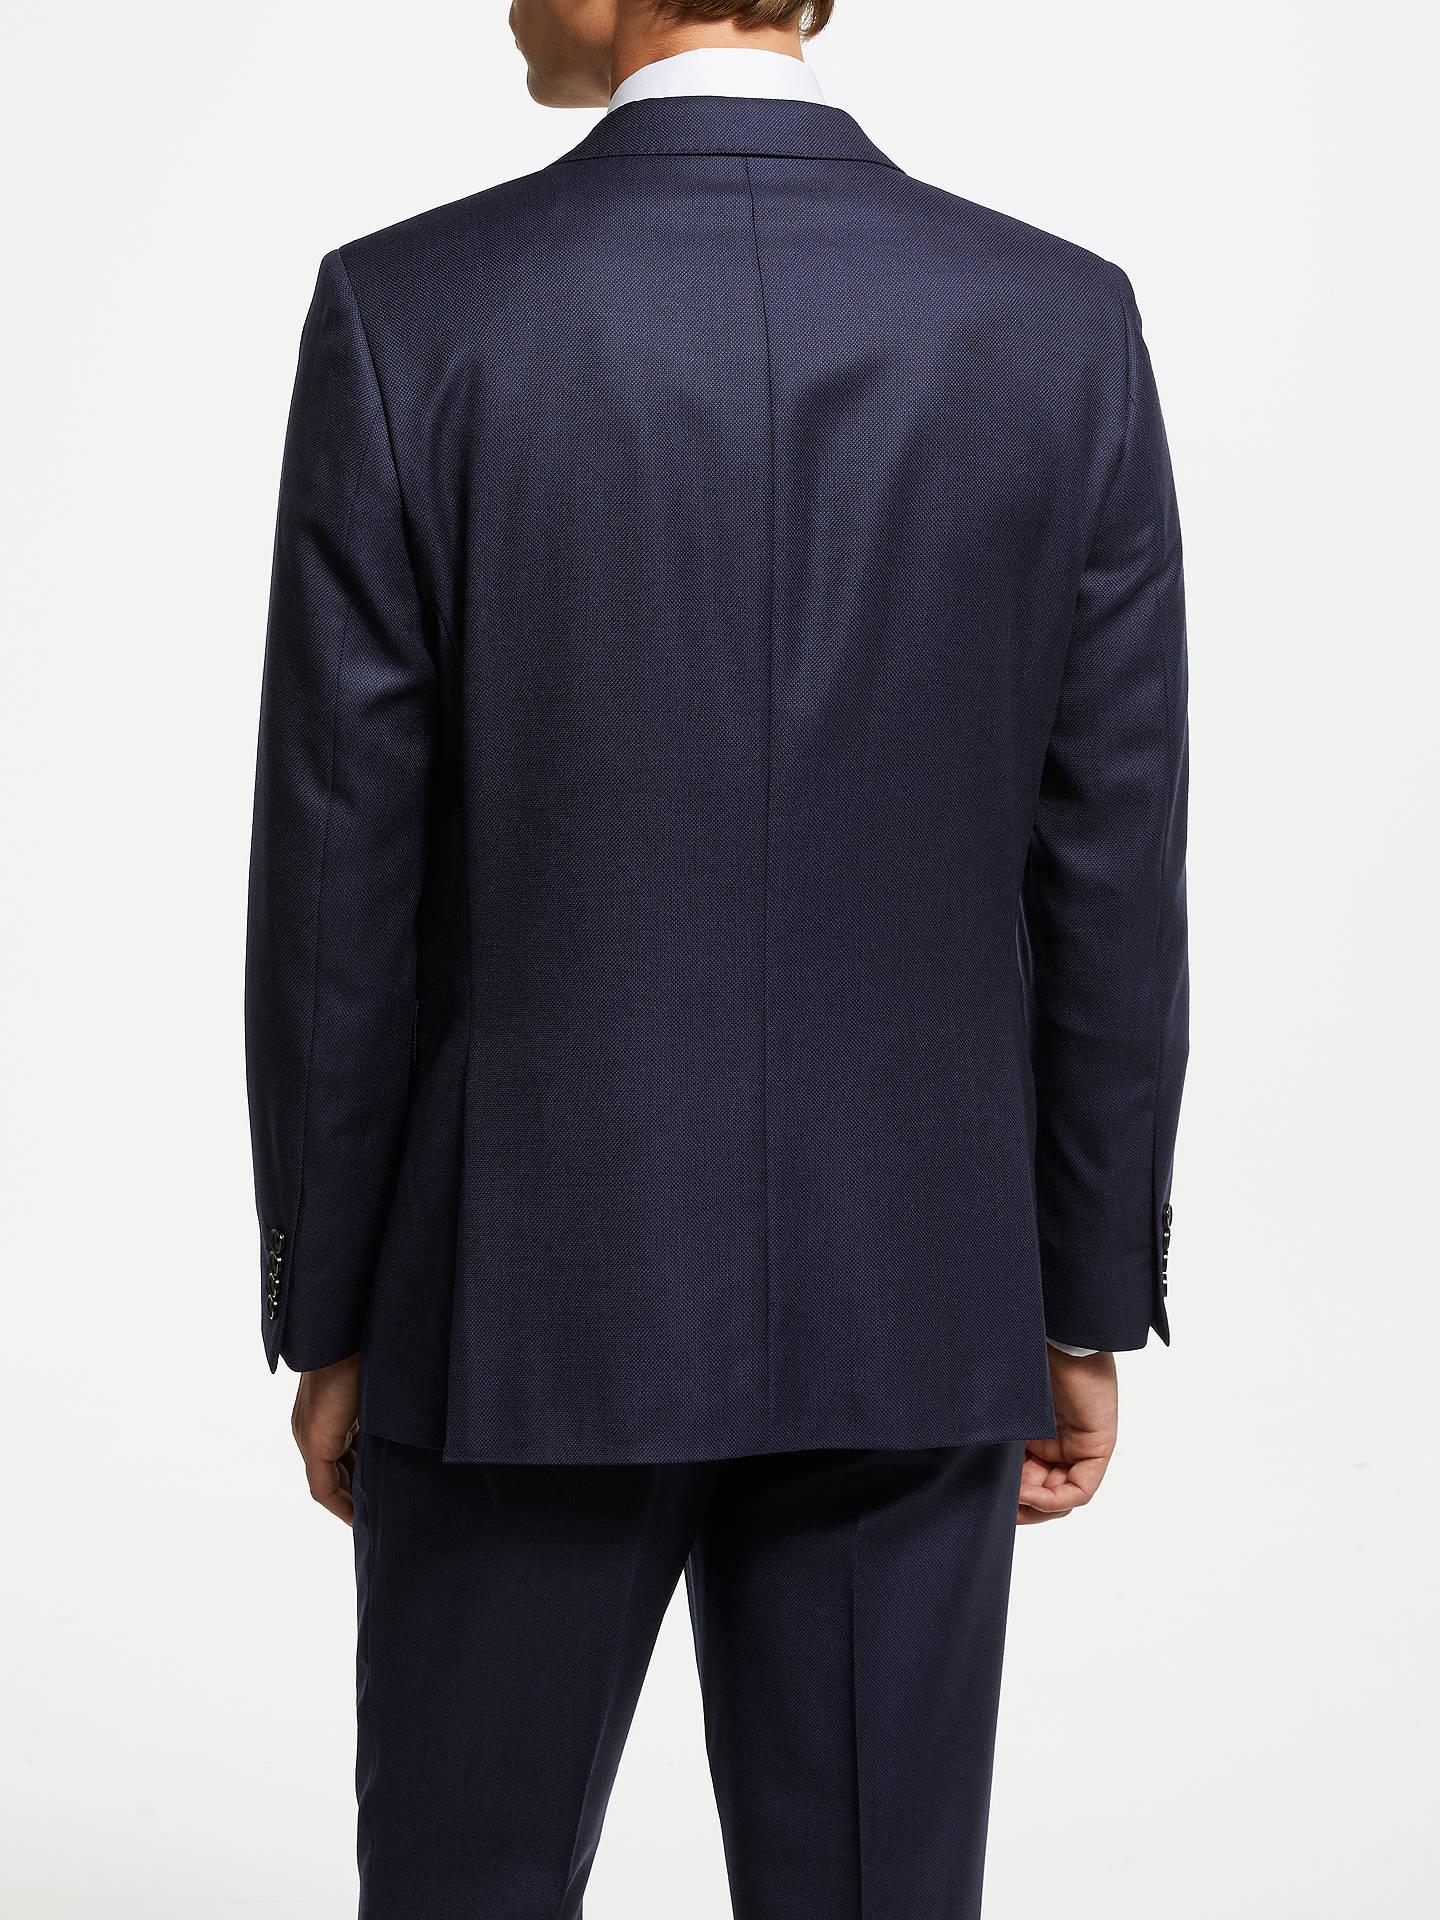 439d0da4 John Lewis & Partners Zegna Birdseye Suit Jacket, Navy